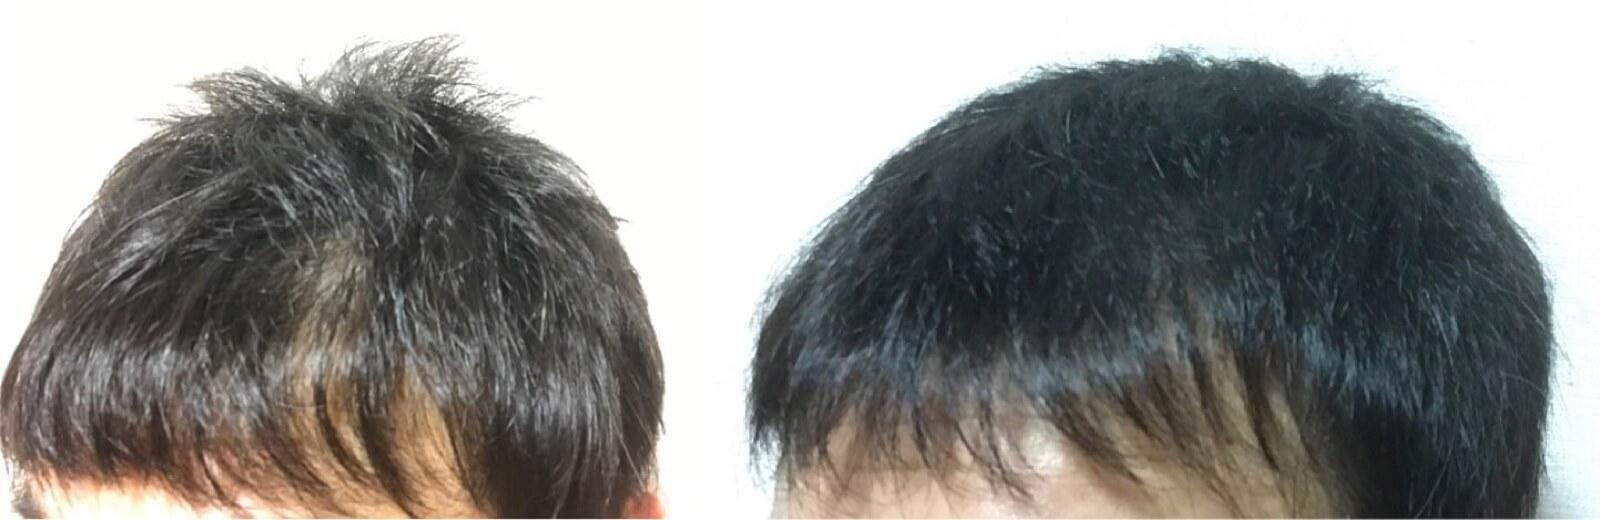 育毛をした髪の毛の変化